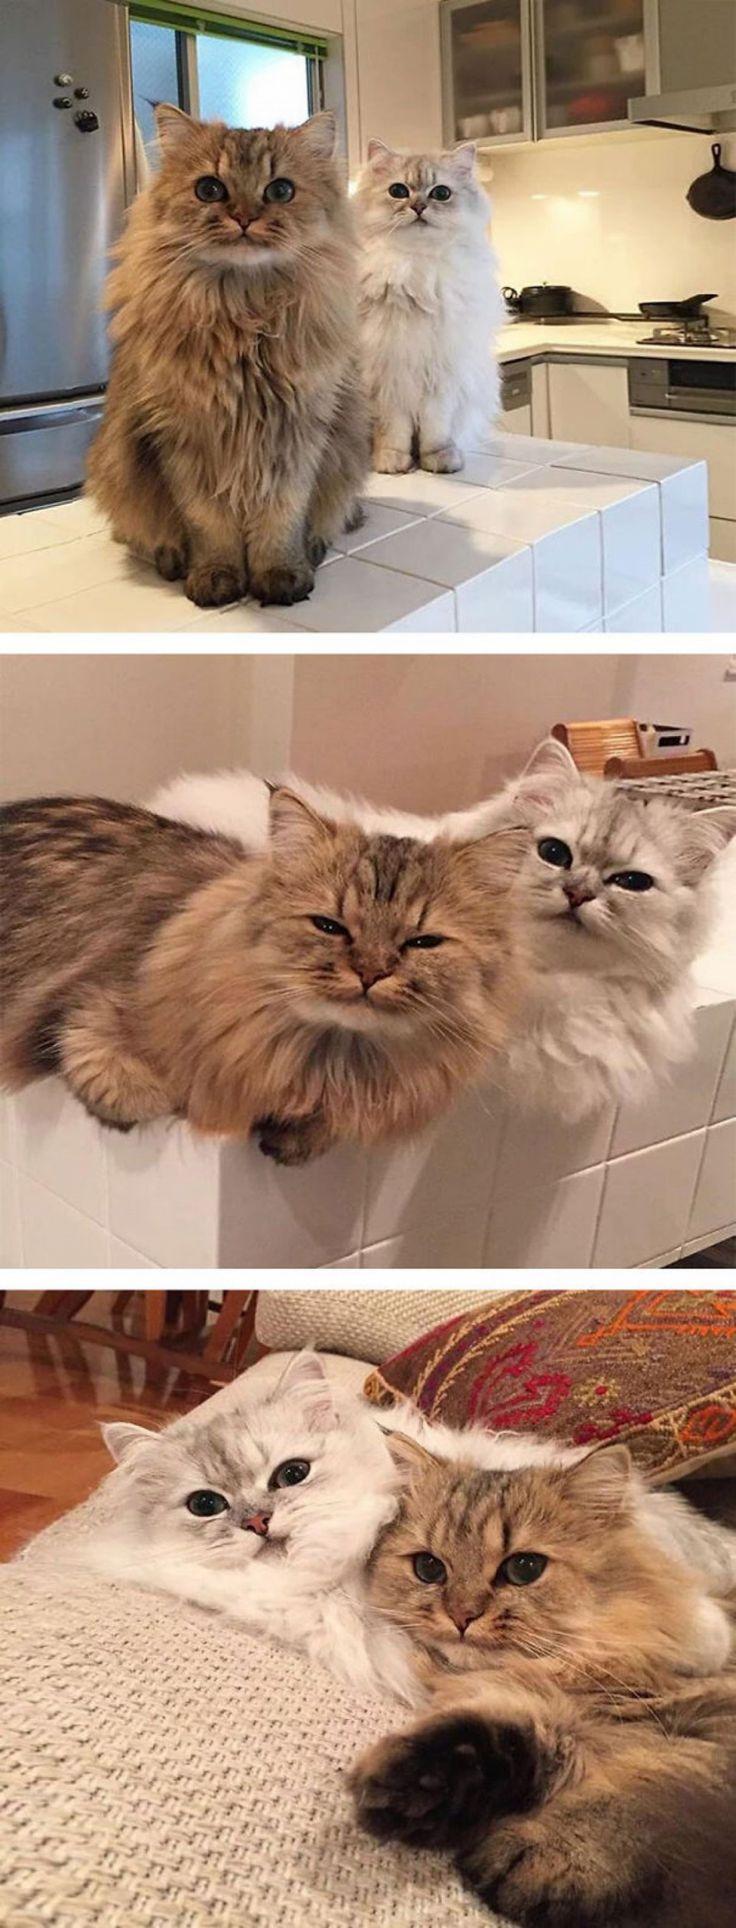 20 chats boules de poils beaucoup trop adorables, ceux qui tiennent chaud l'hiver | Buzzly